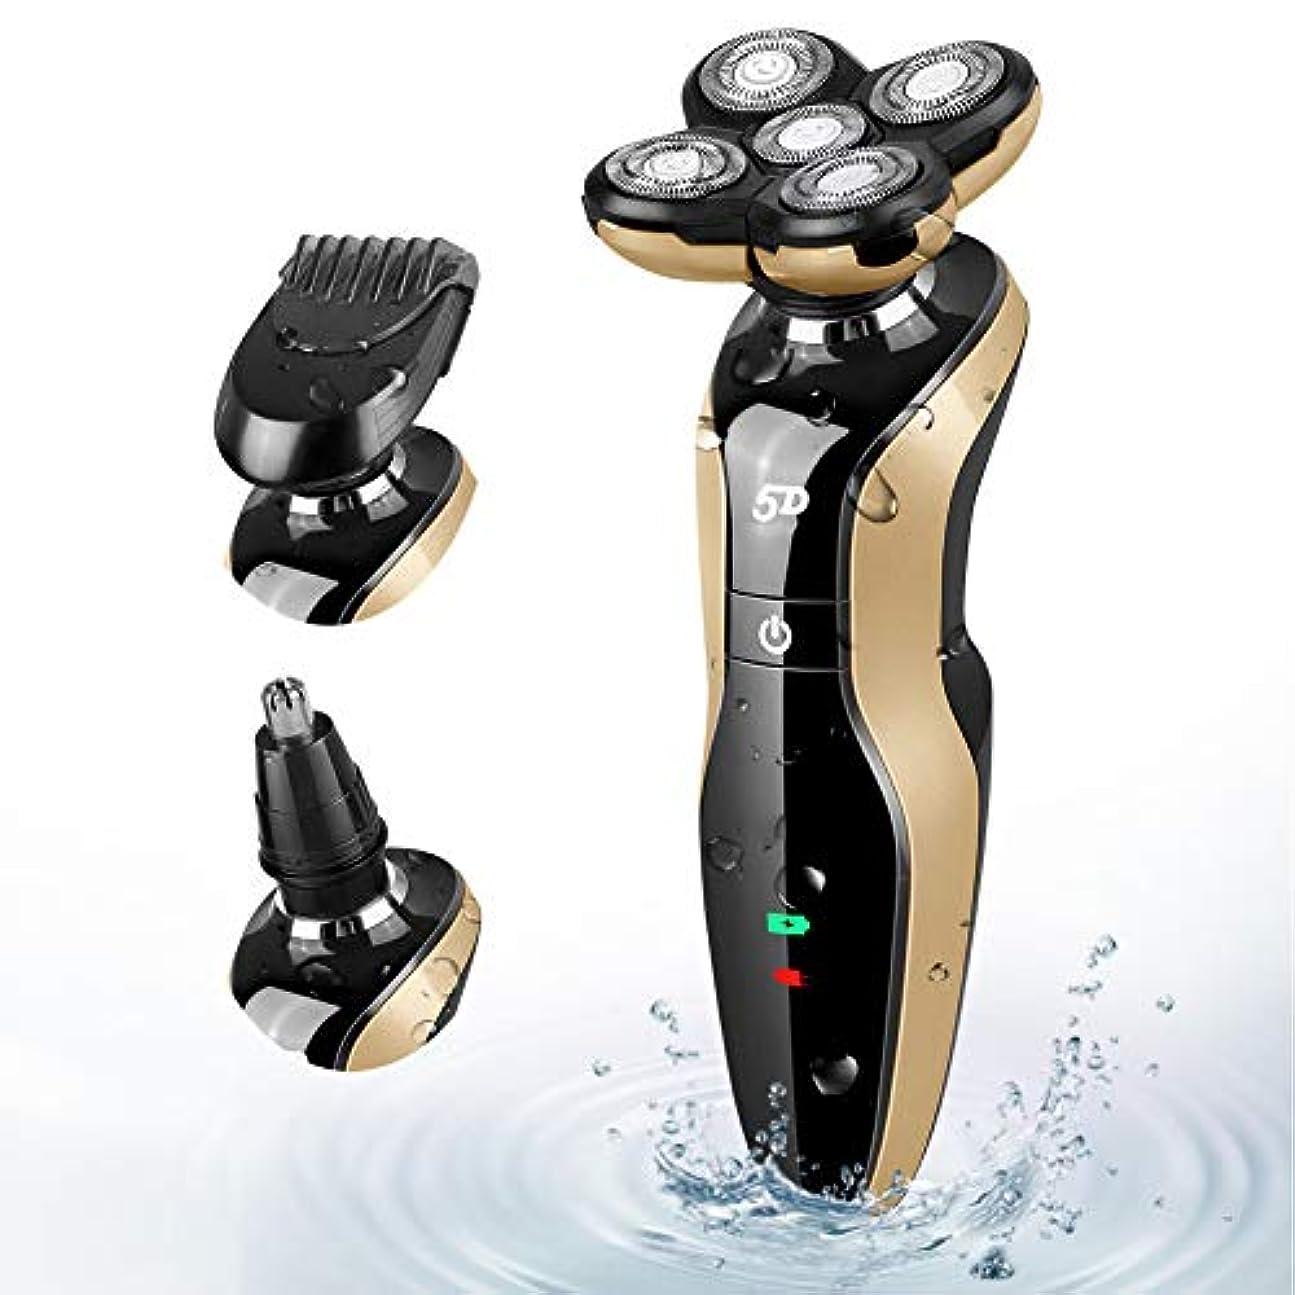 電気シェーバー - 5Dカッターヘッド強力な電気シェーバー USB 本体洗えるフローティングシェービングスマートカミソリ